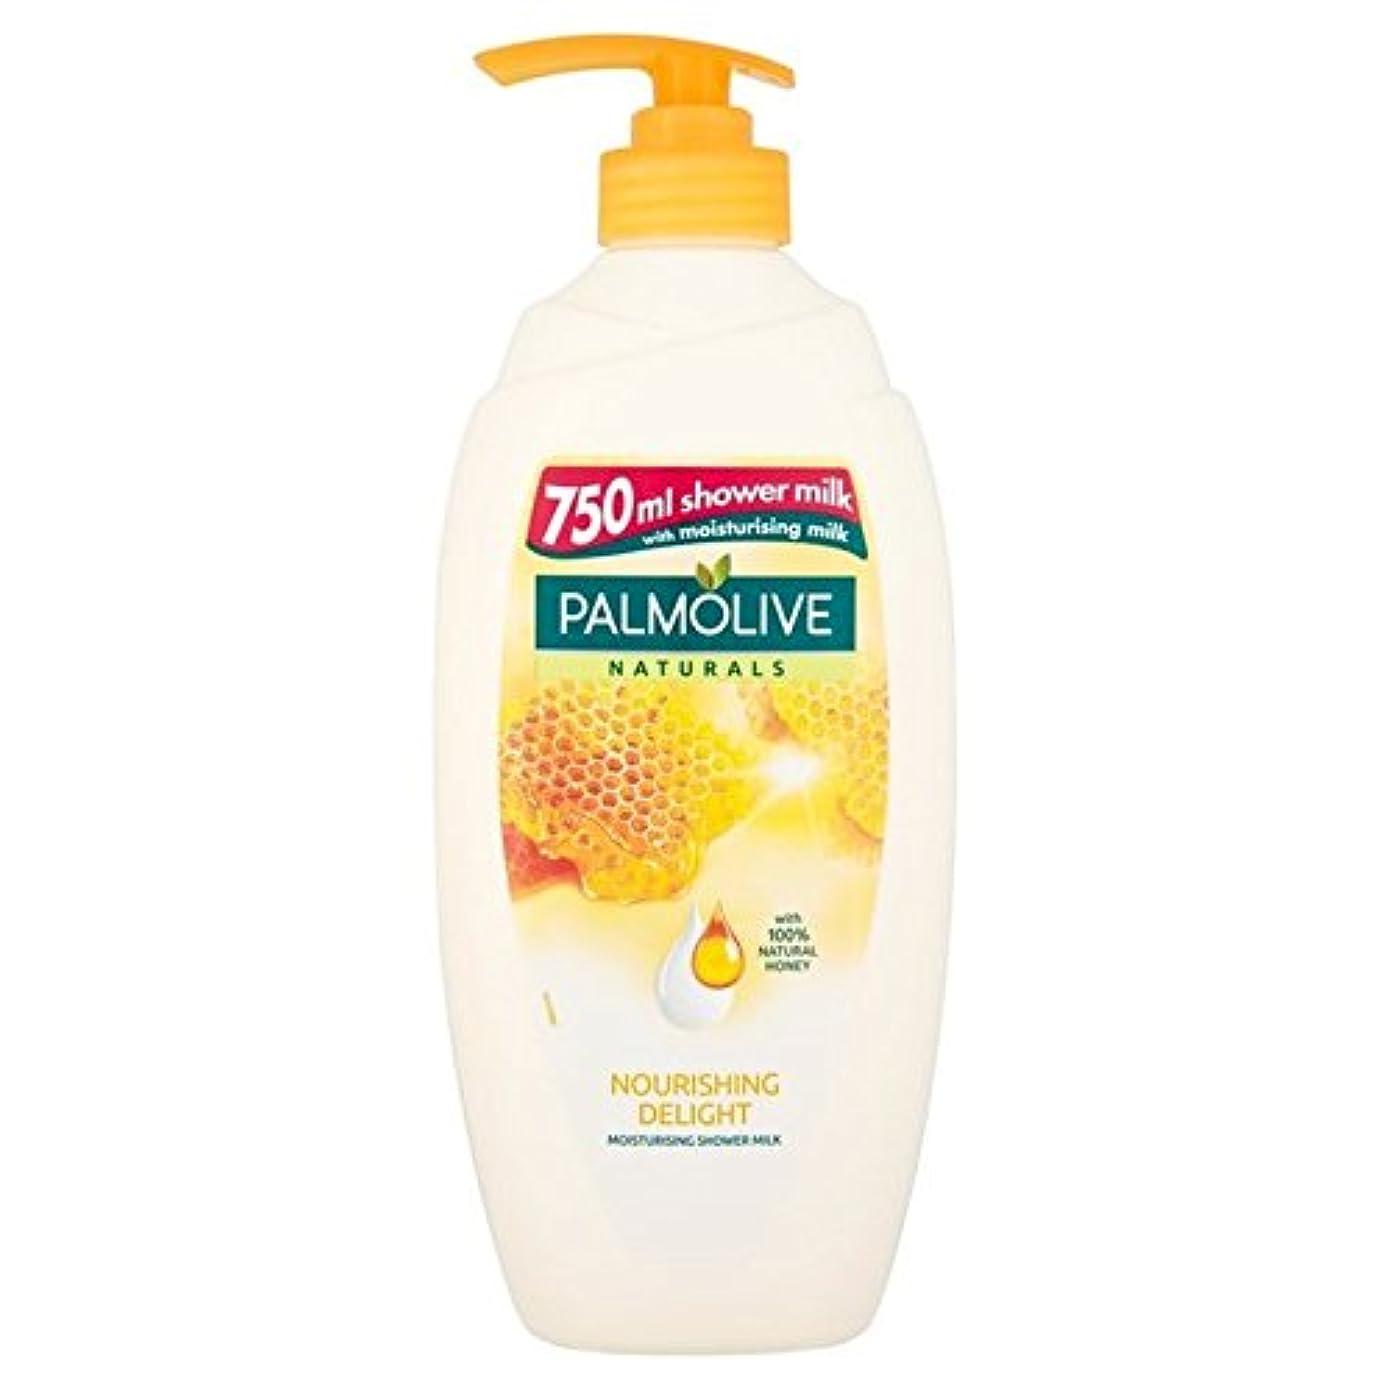 クラウドサワーリフトPalmolive Naturals Nourishing Shower Naturals Milk with Honey 750ml - 蜂蜜の750ミリリットルとシャワーナチュラルミルク栄養パルモライブナチュラル [...